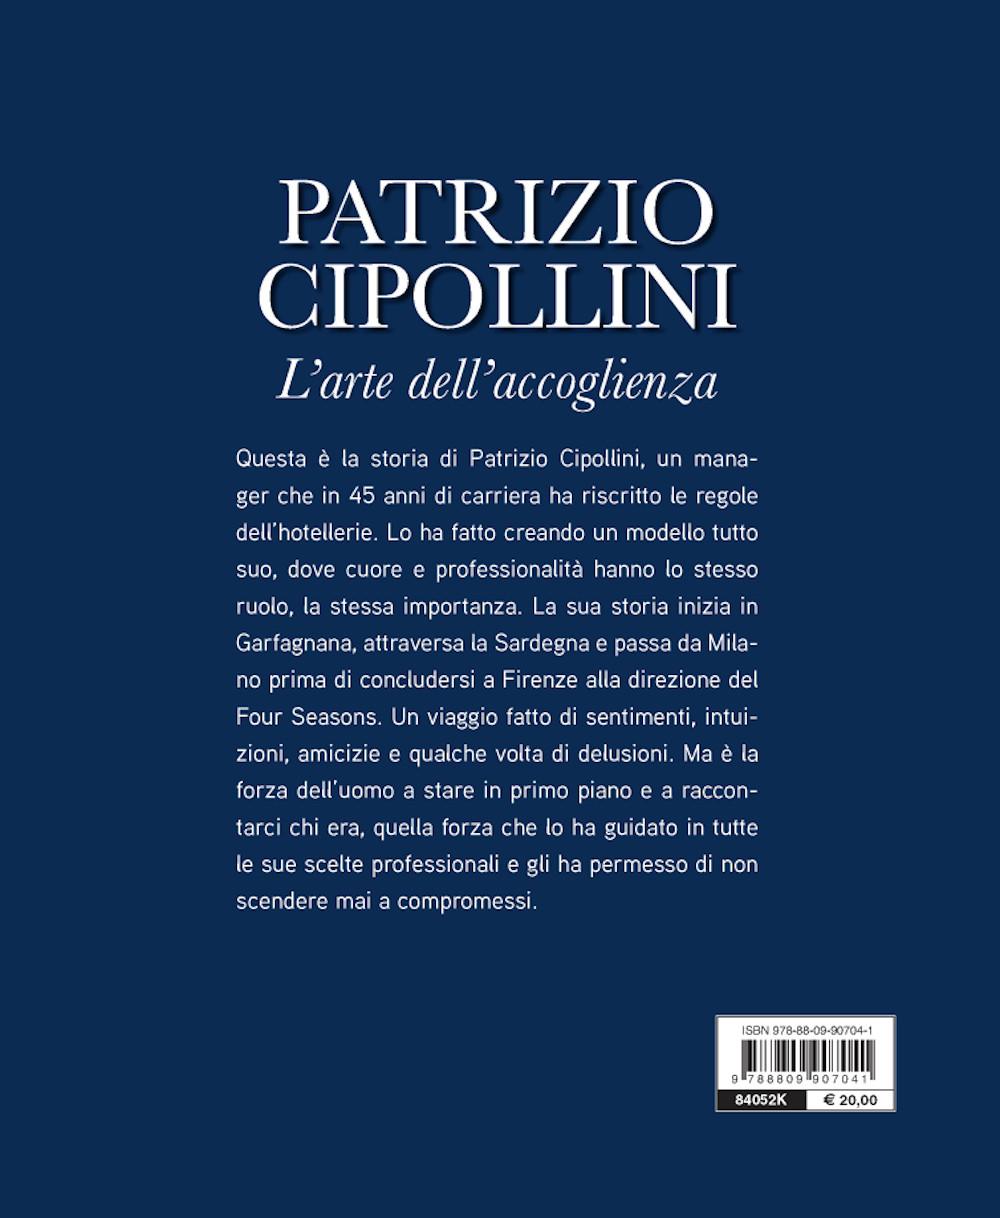 Patrizio Cipollini. L'arte dell'accoglienza